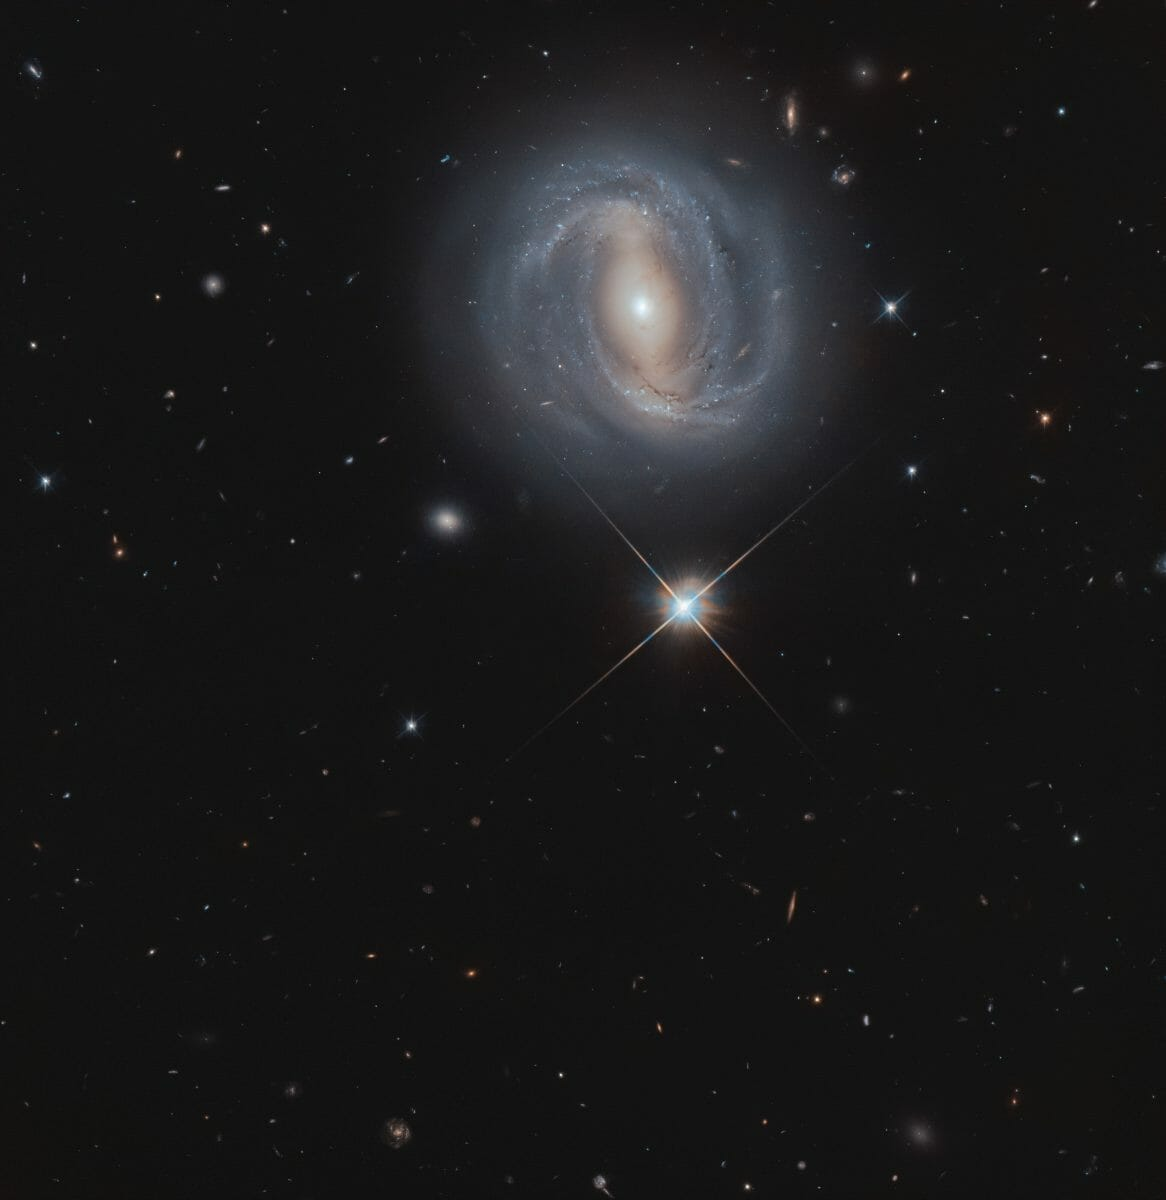 棒渦巻銀河「NGC 4907」(上)と天の川銀河の恒星(中央)(Credit: ESA/Hubble & NASA, M. Gregg)